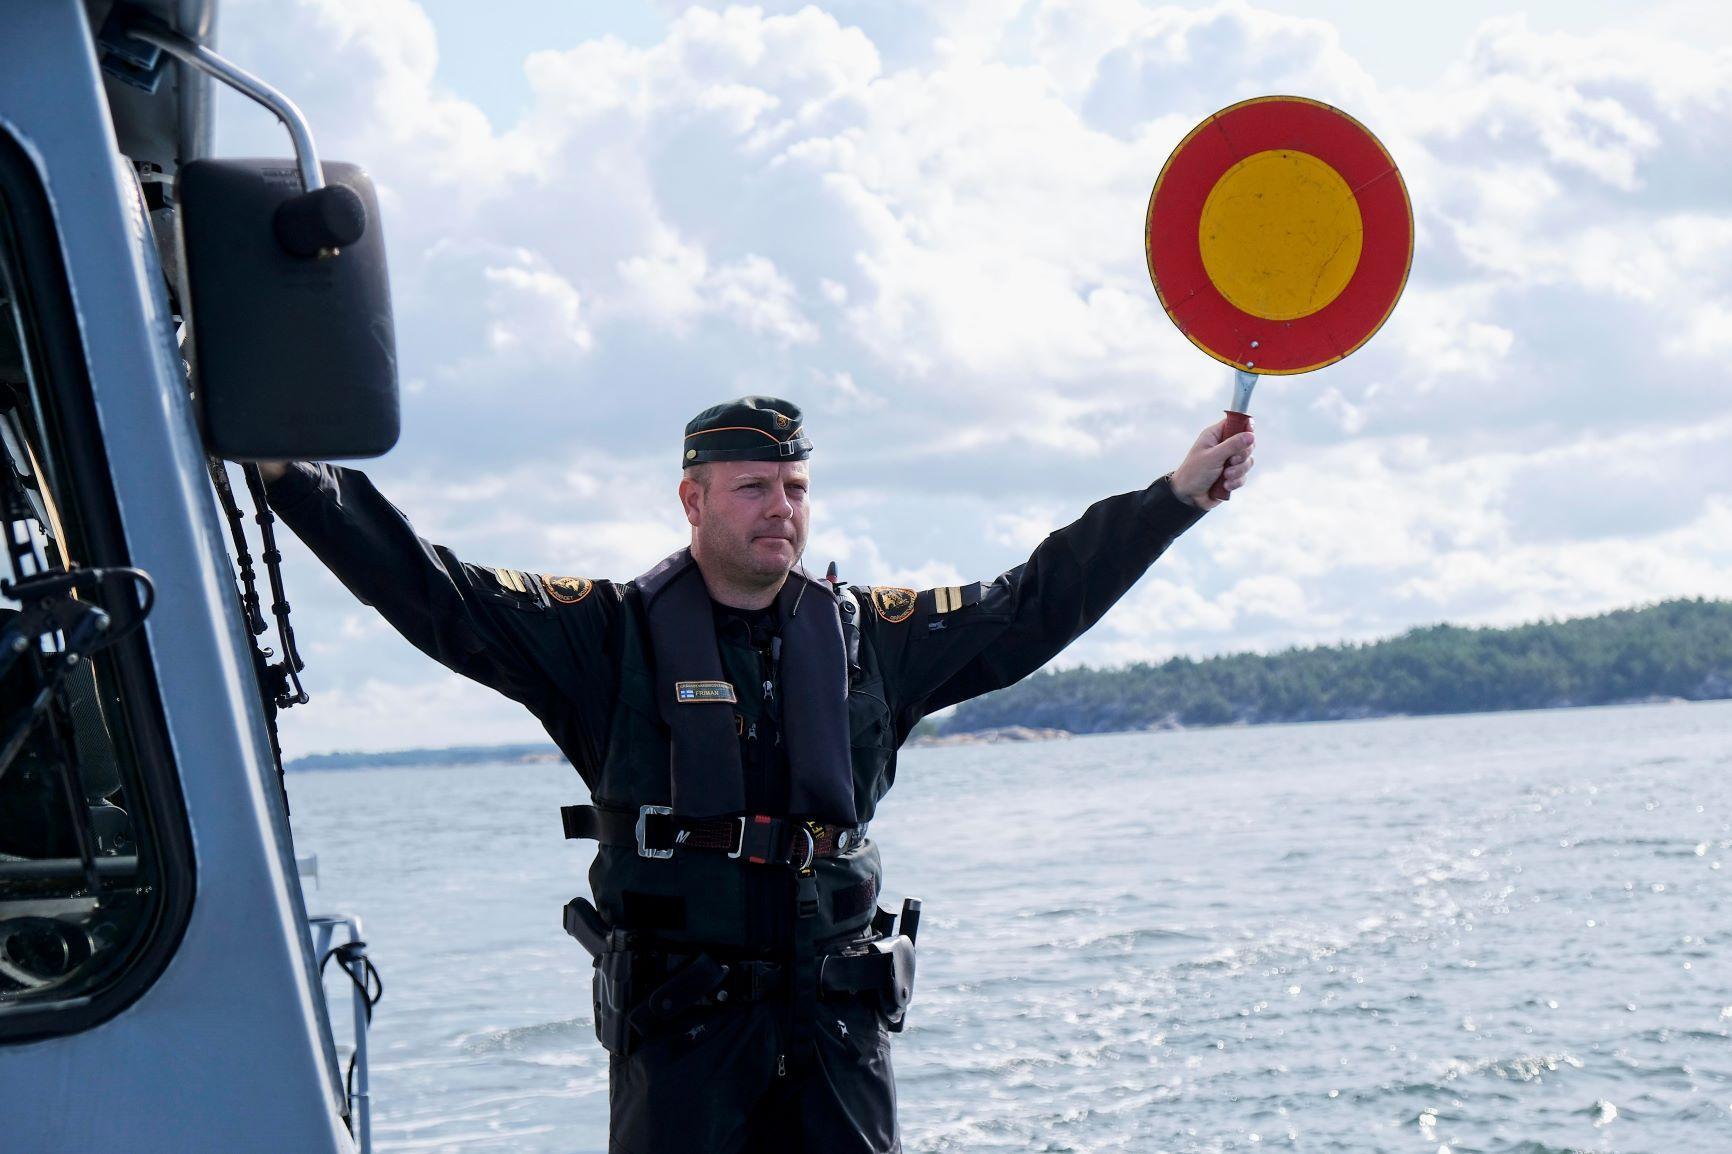 Sjöbevakare håller upp en stoppskylt